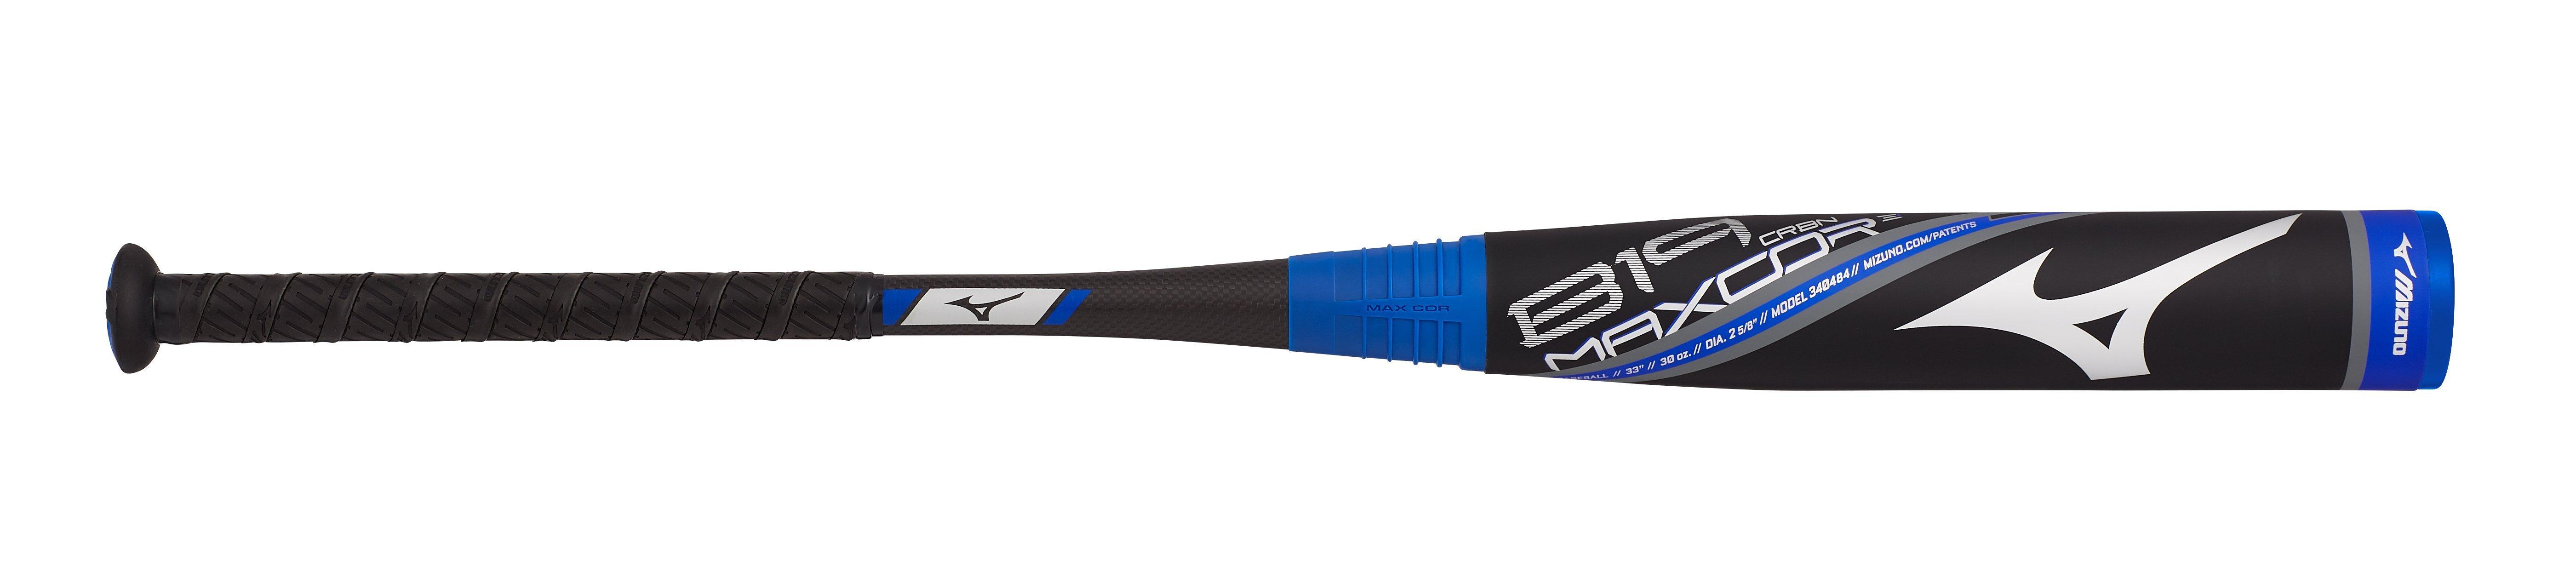 Mizuno B19-Maxcor-Crbn - Big Barrel Youth Usa Baseball Bat